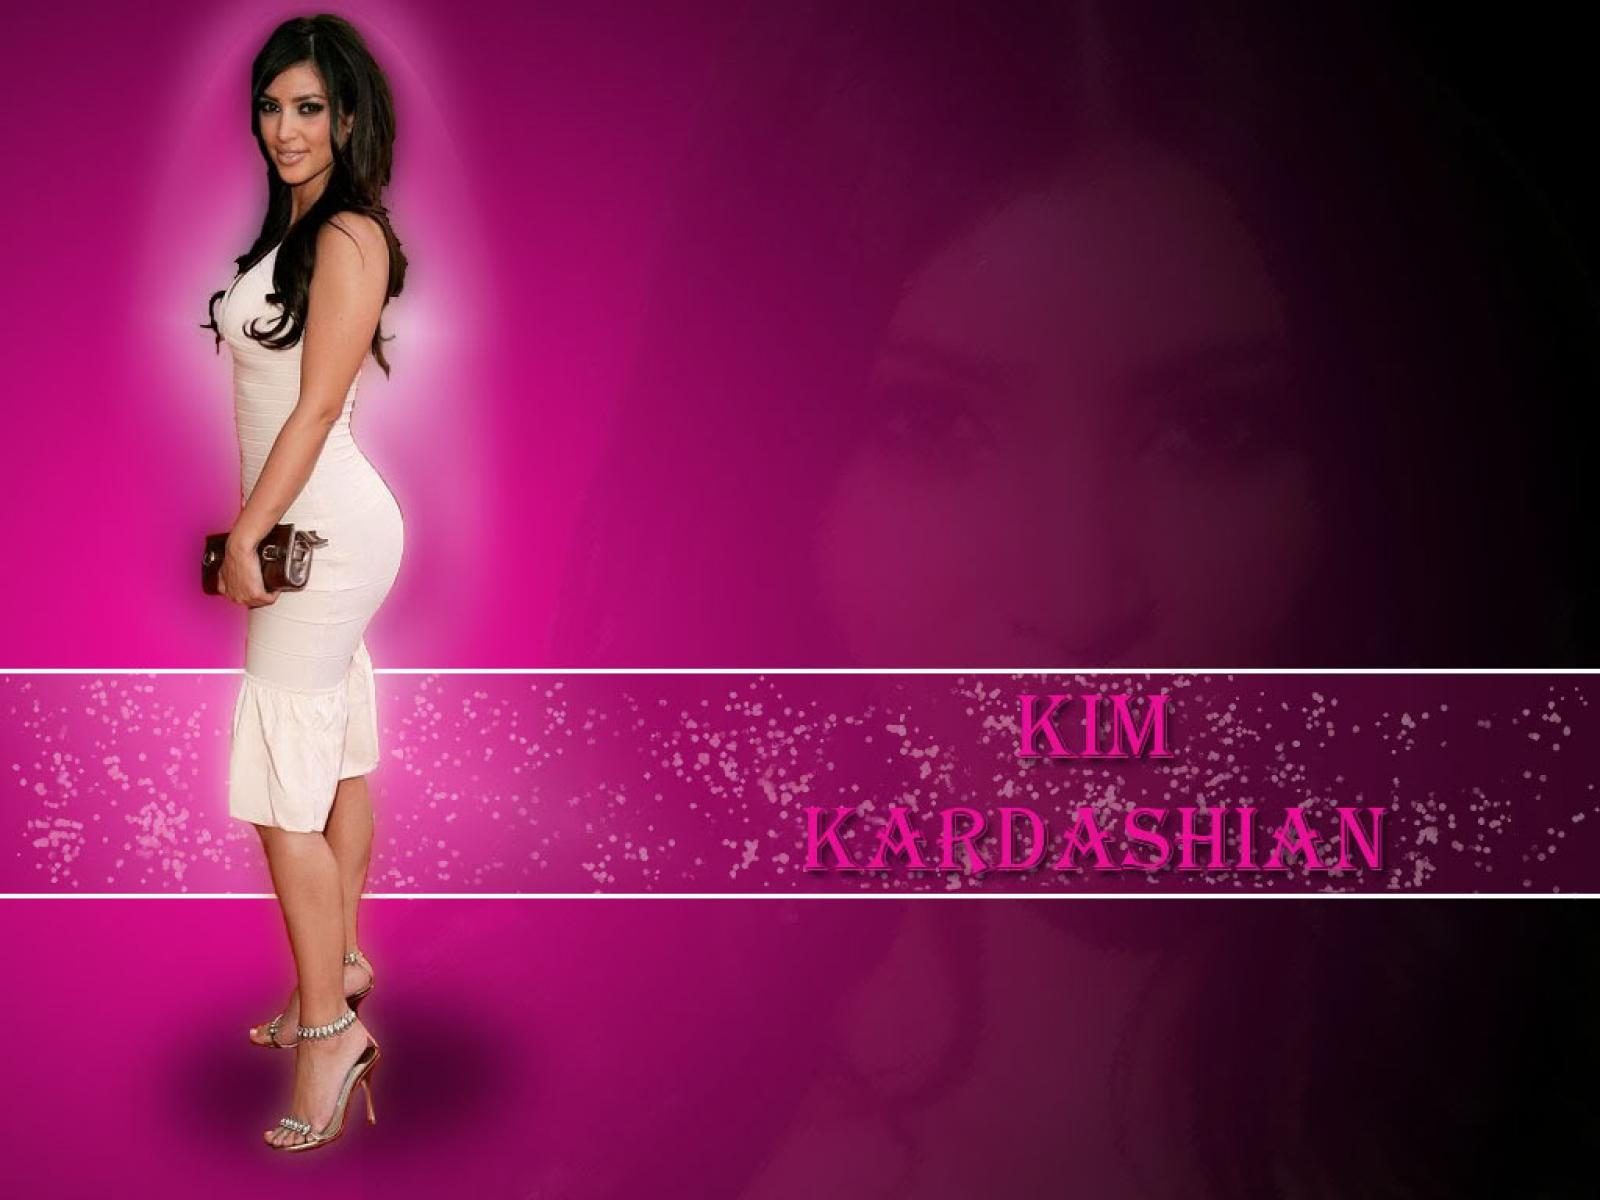 kim kardashian desktop wallpaper - photo #12